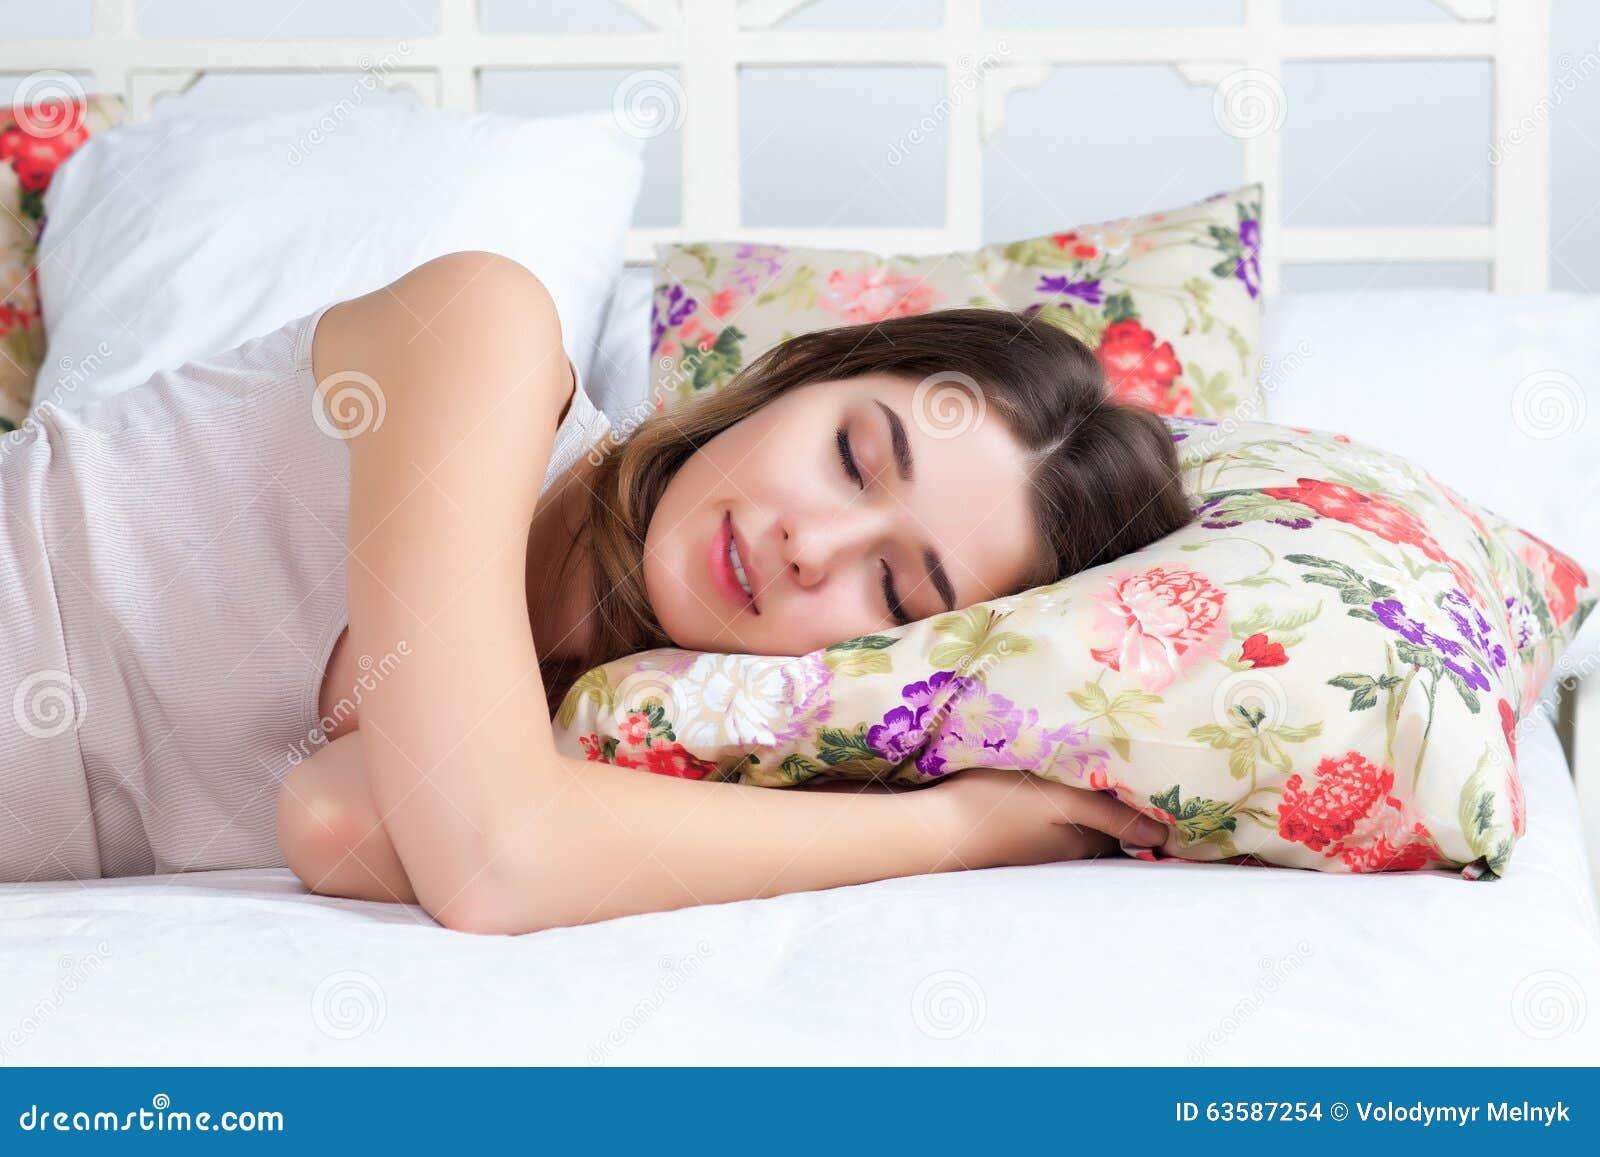 Фото молодая девушка спит